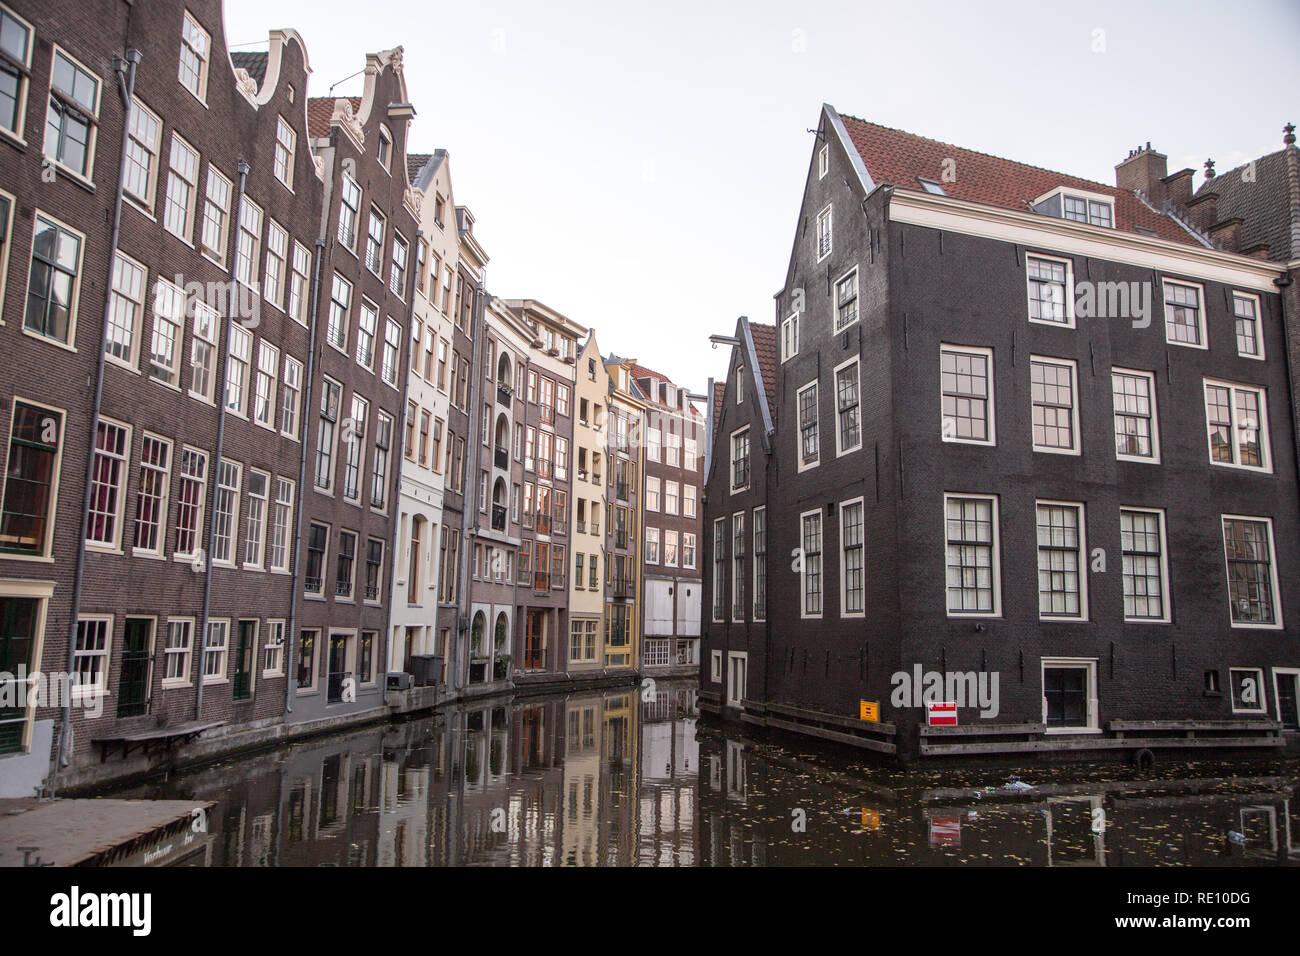 Vista típica del terraplén del canal en el centro histórico de la ciudad, Ámsterdam, Países Bajos Foto de stock